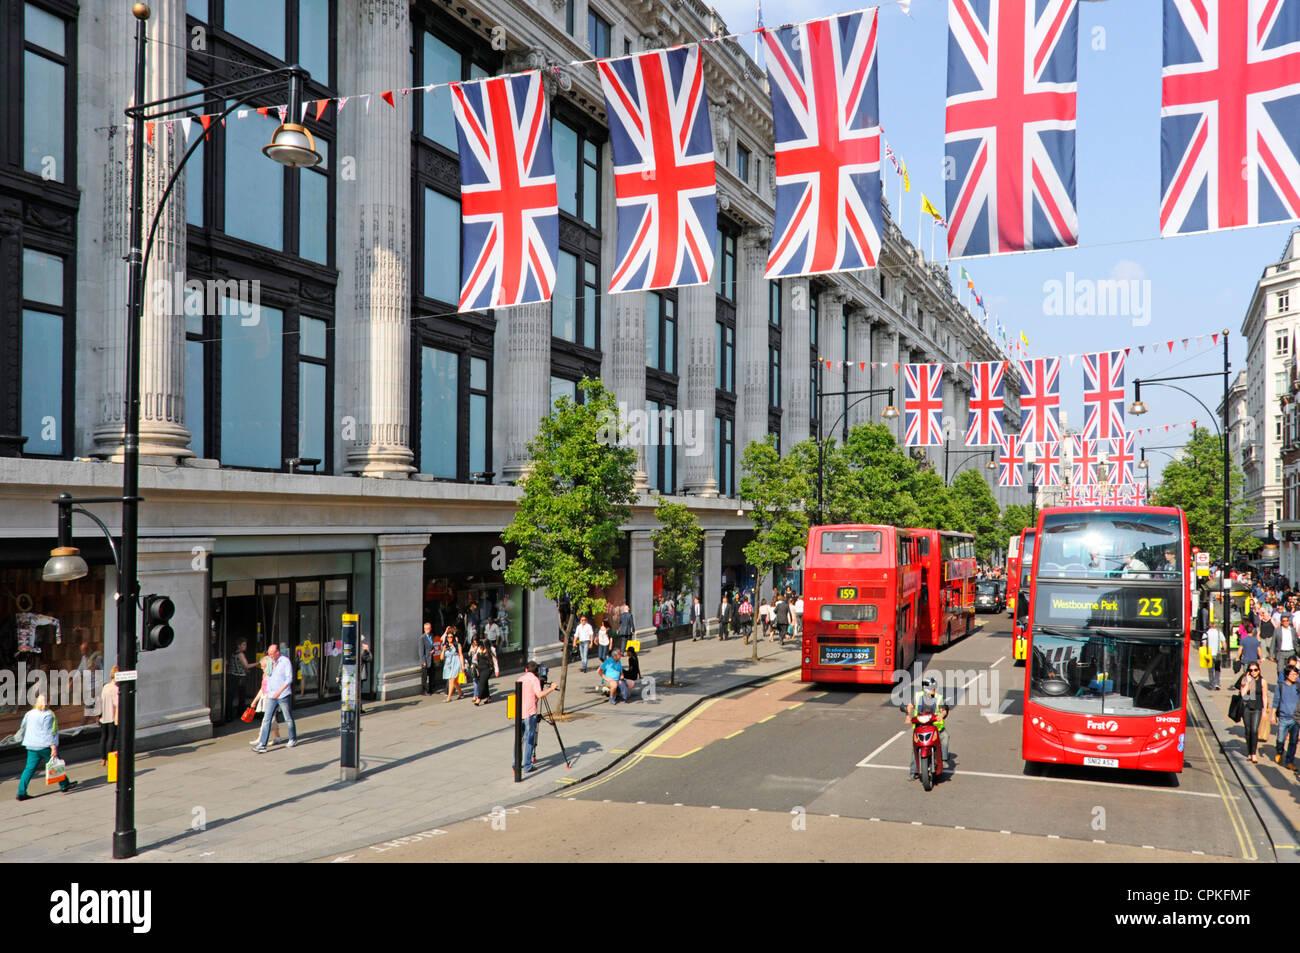 Oxford Street Union Jack Flags Queens Jubileo 2012 Olimpiadas celebraciones Autobuses fuera de Selfridges departamento comercial tienda West End Londres Inglaterra REINO UNIDO Foto de stock